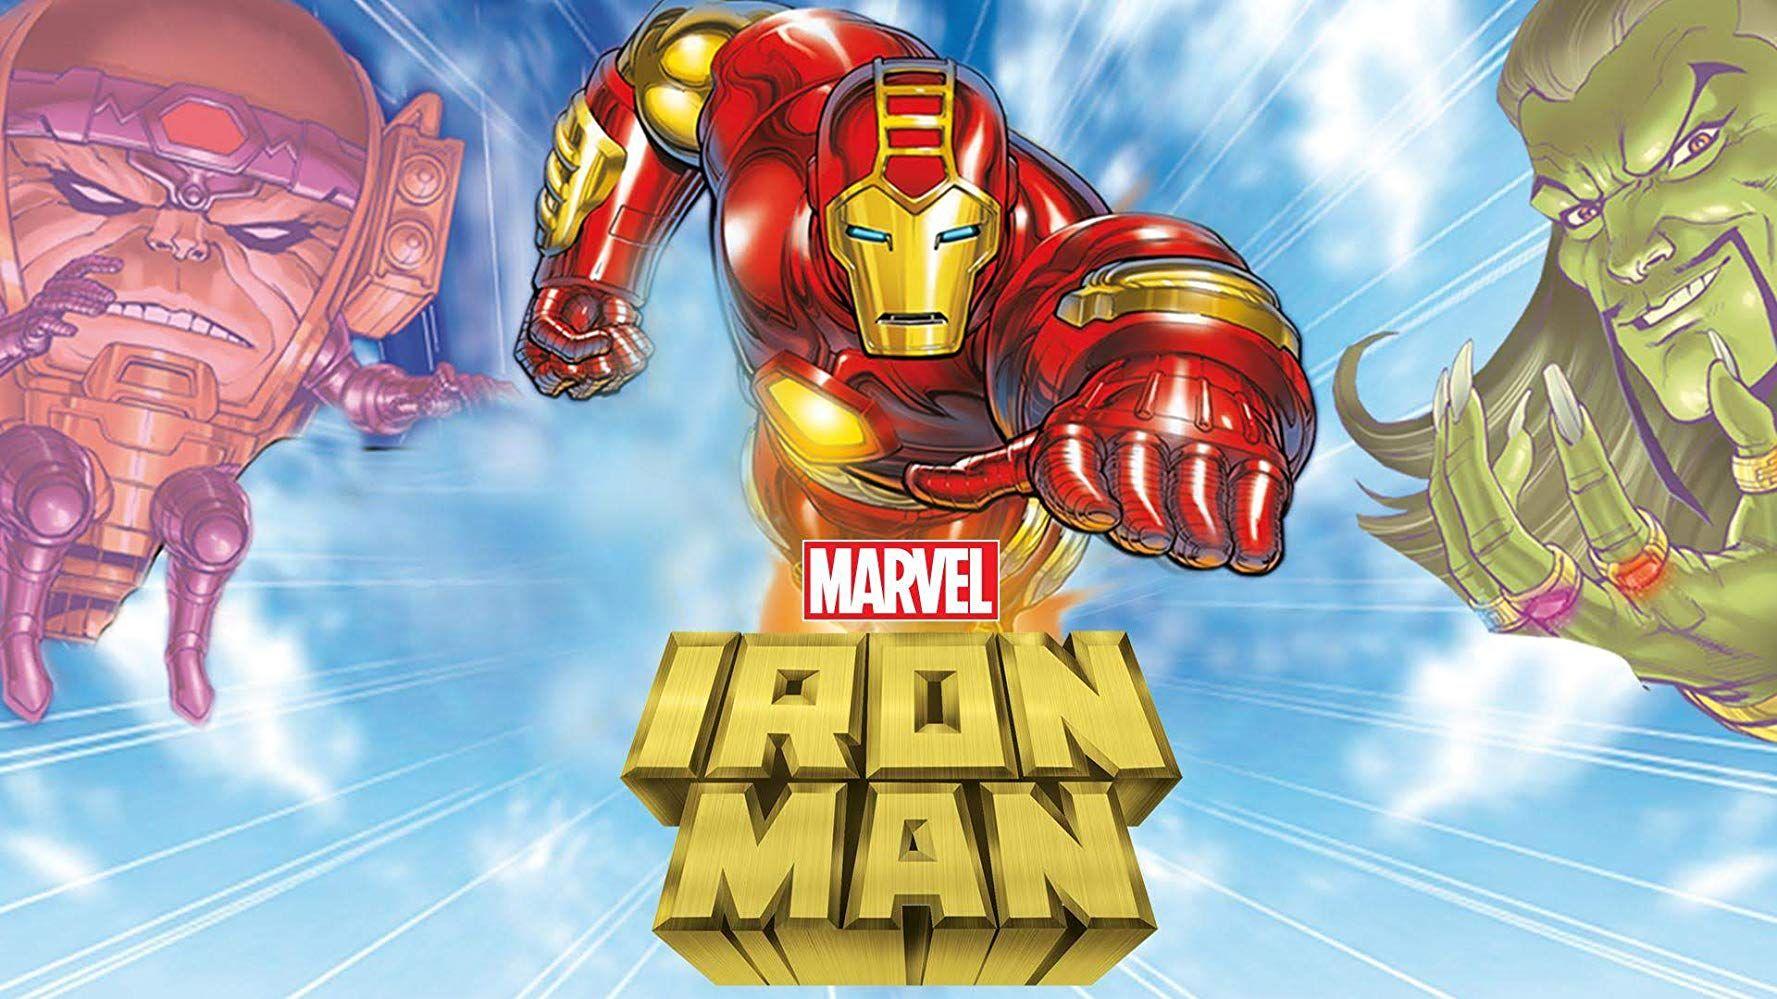 90s iron man